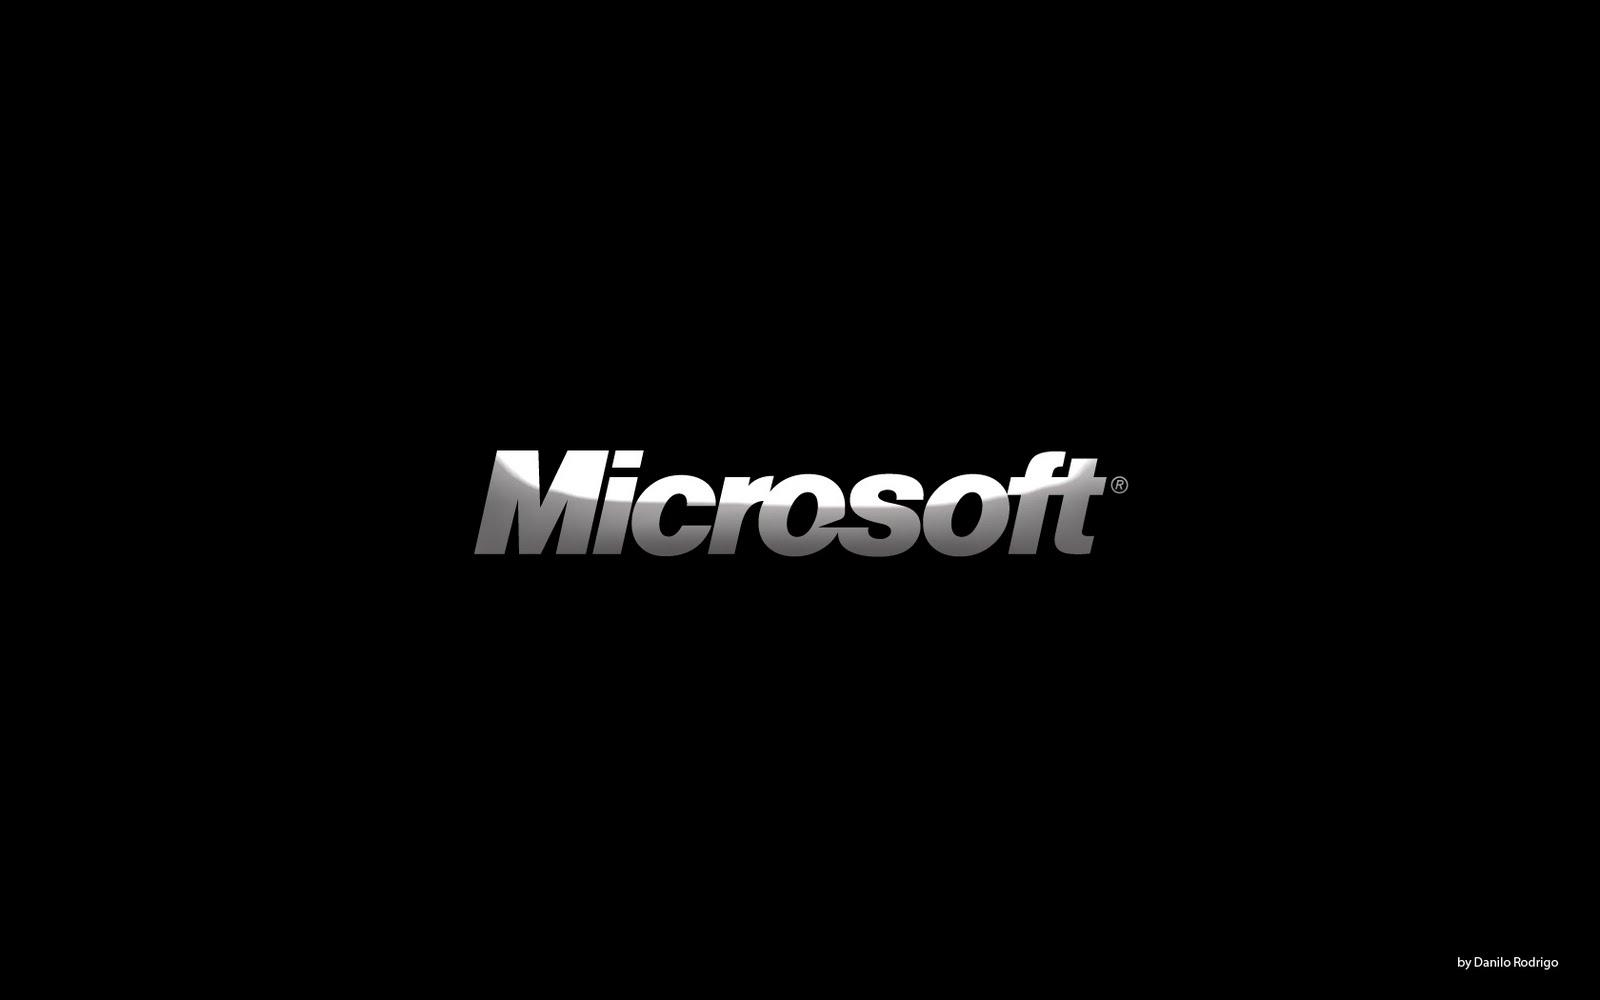 http://3.bp.blogspot.com/_vmI0bjA-_dI/TIGF7smNRsI/AAAAAAAAAAs/1Q-j1xIo7FI/s1600/Microsoft_Wallpaper_.jpg